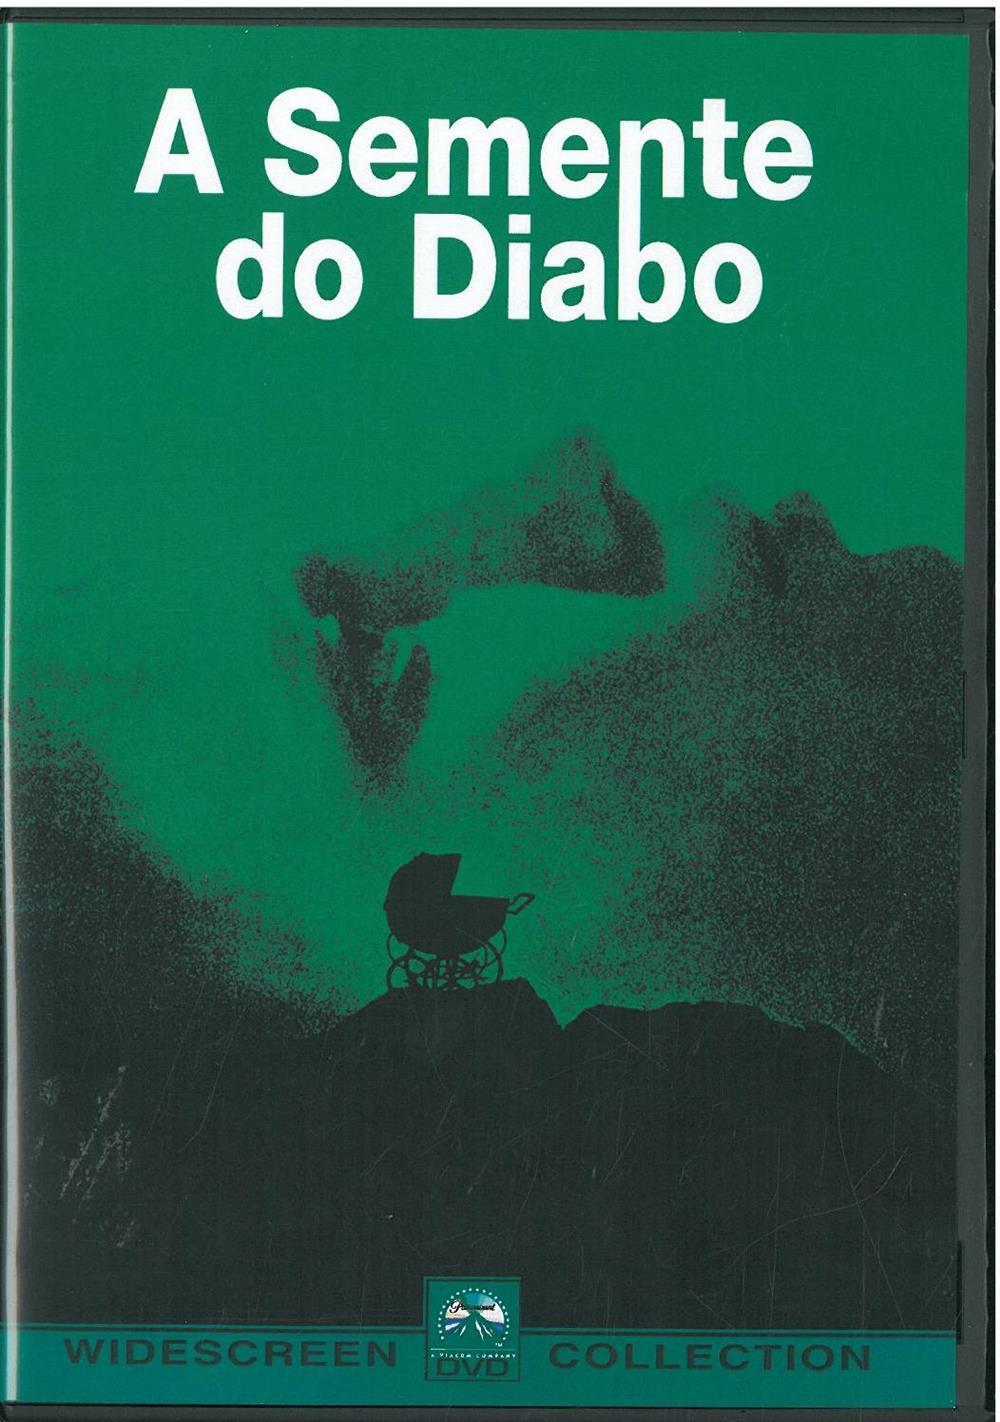 A semente do diabo_DVD.jpg